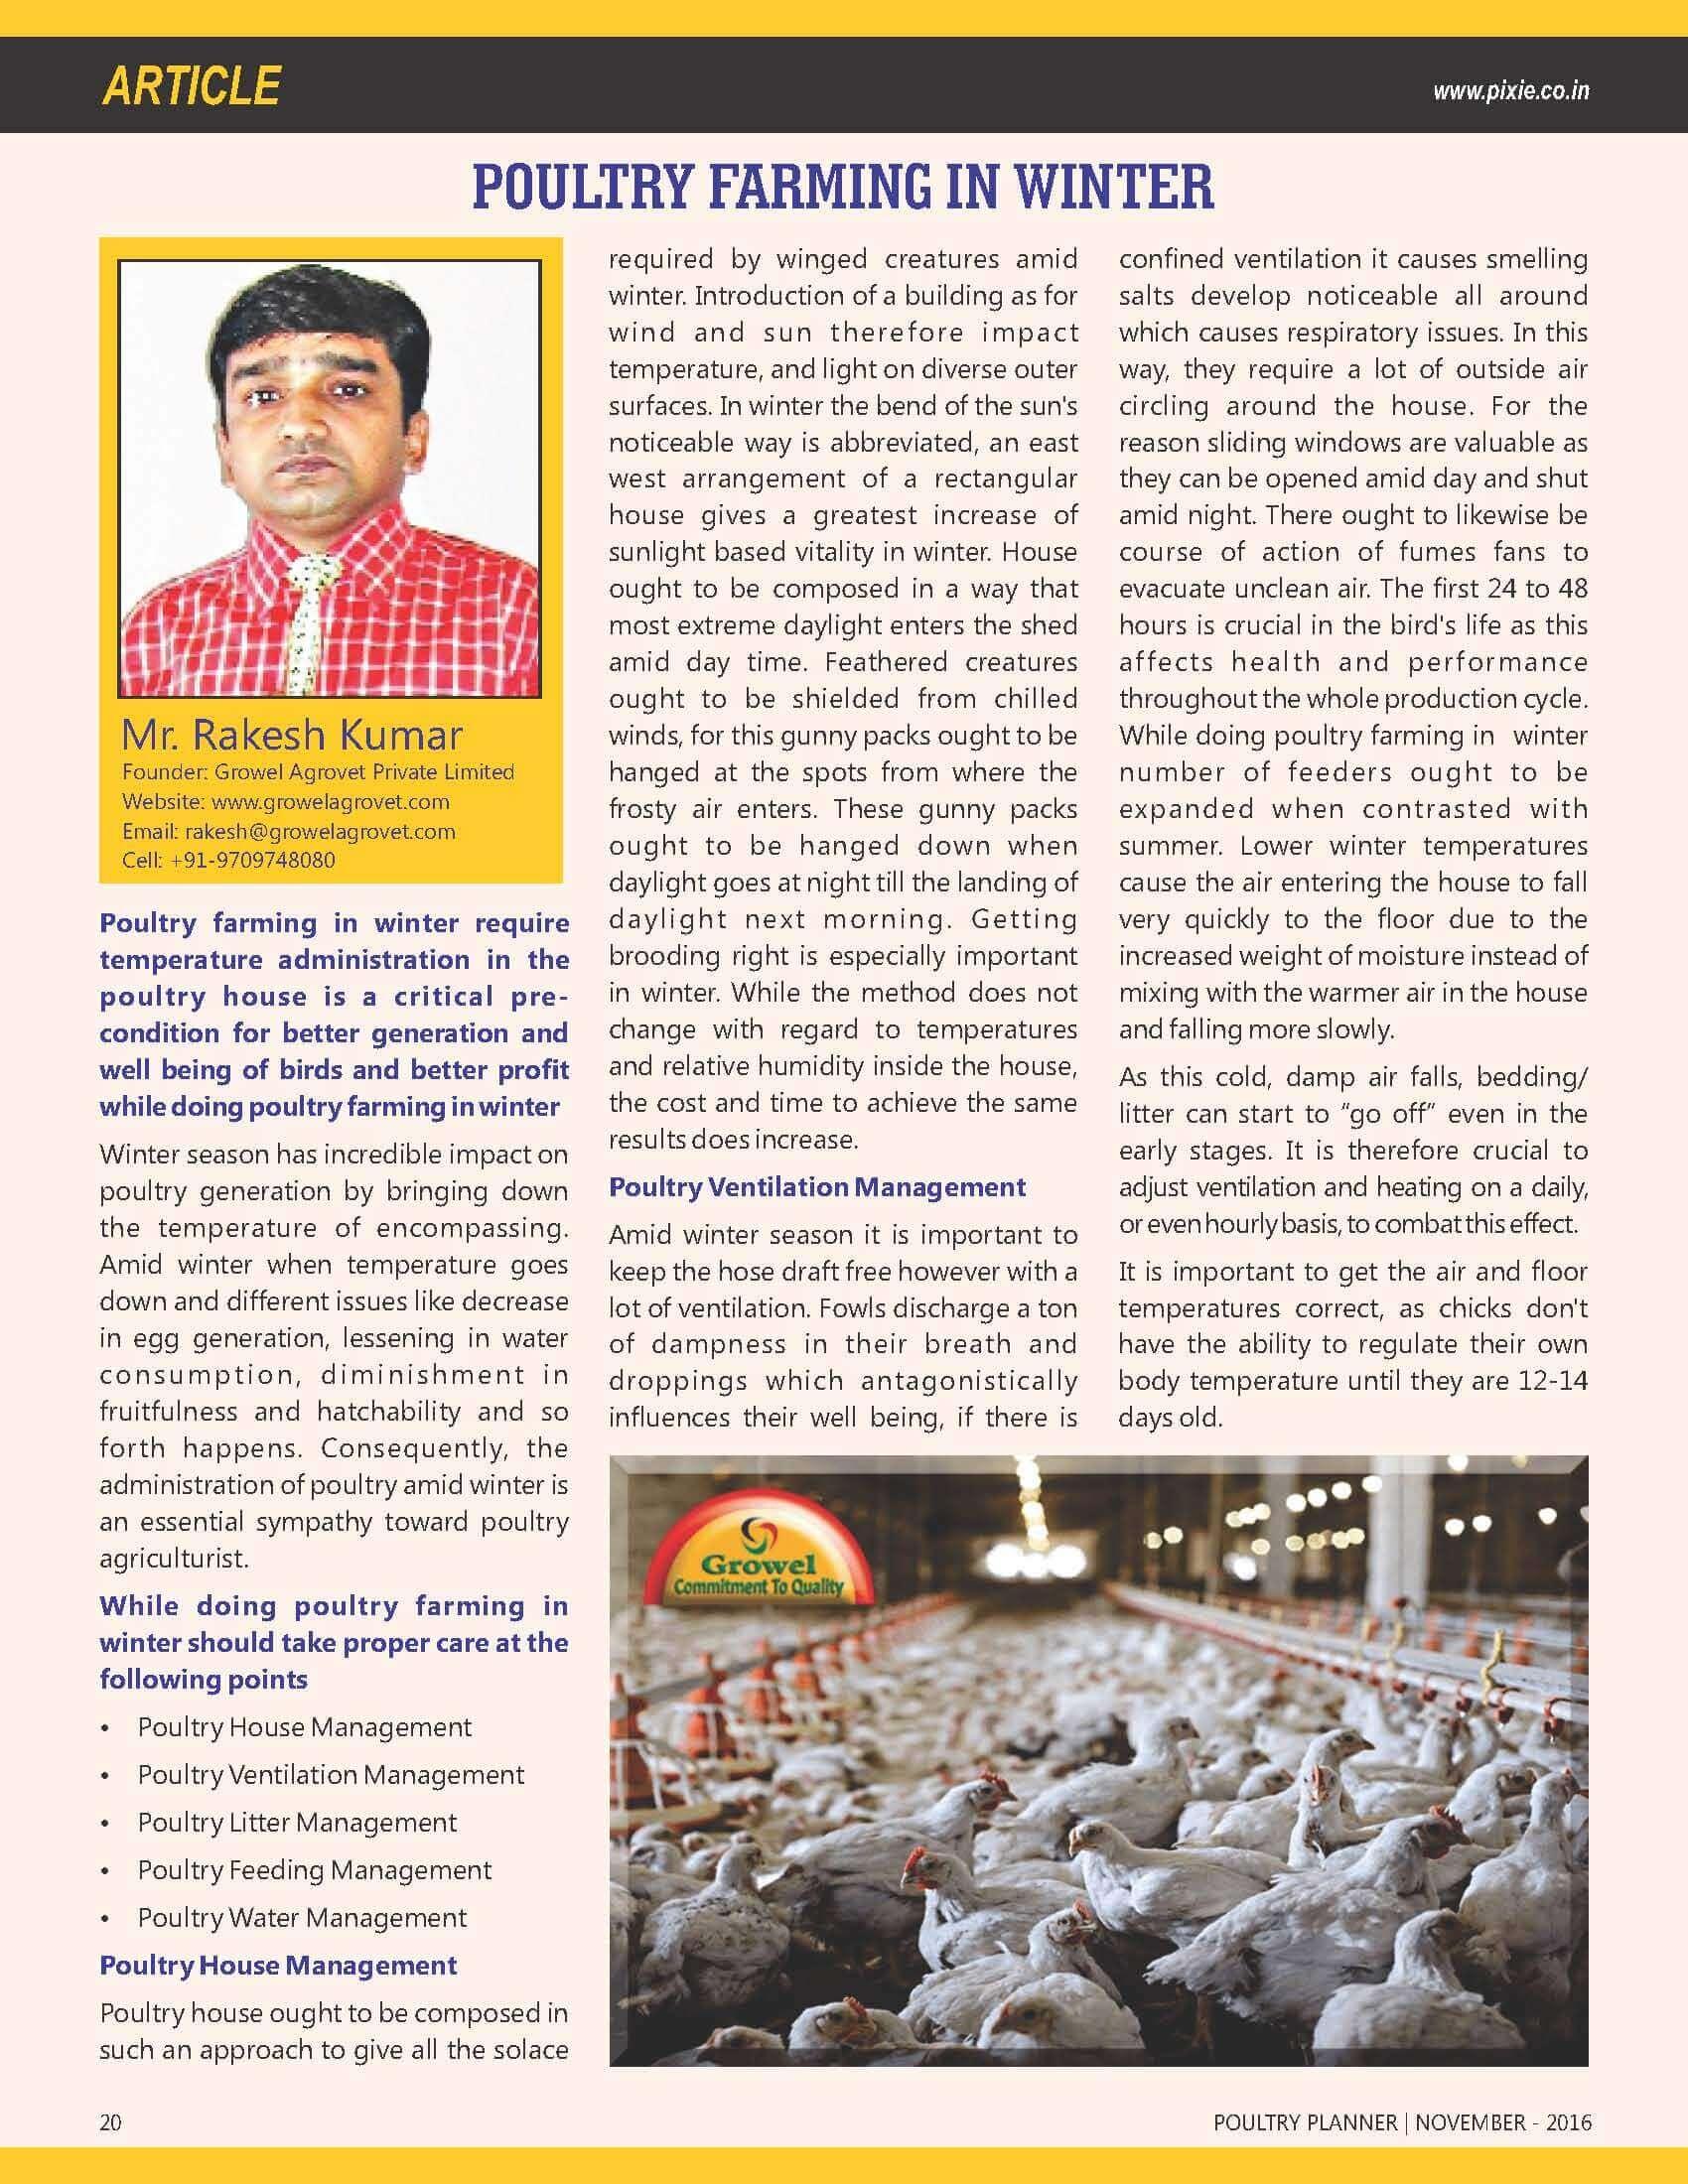 Poultry Farming in Winter